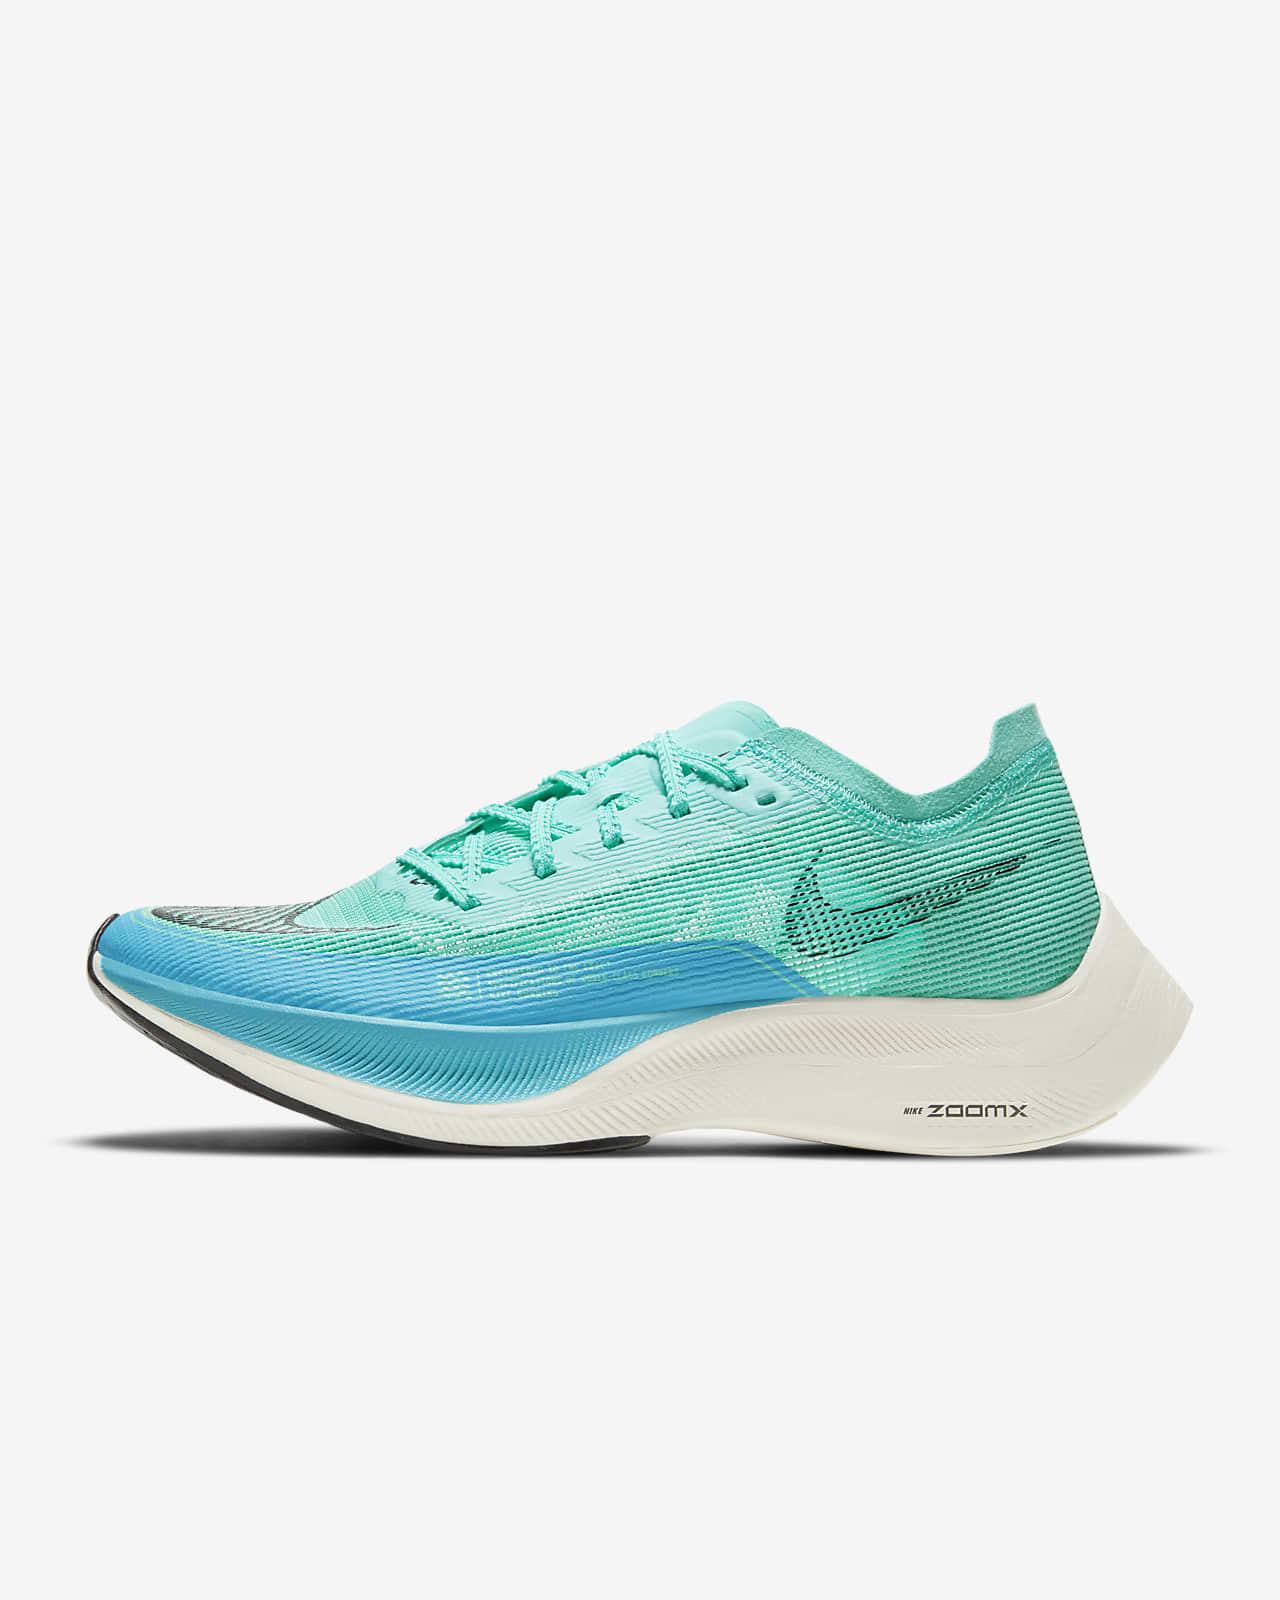 รองเท้าวิ่งแข่งผู้หญิง Nike ZoomX Vaporfly Next% 2